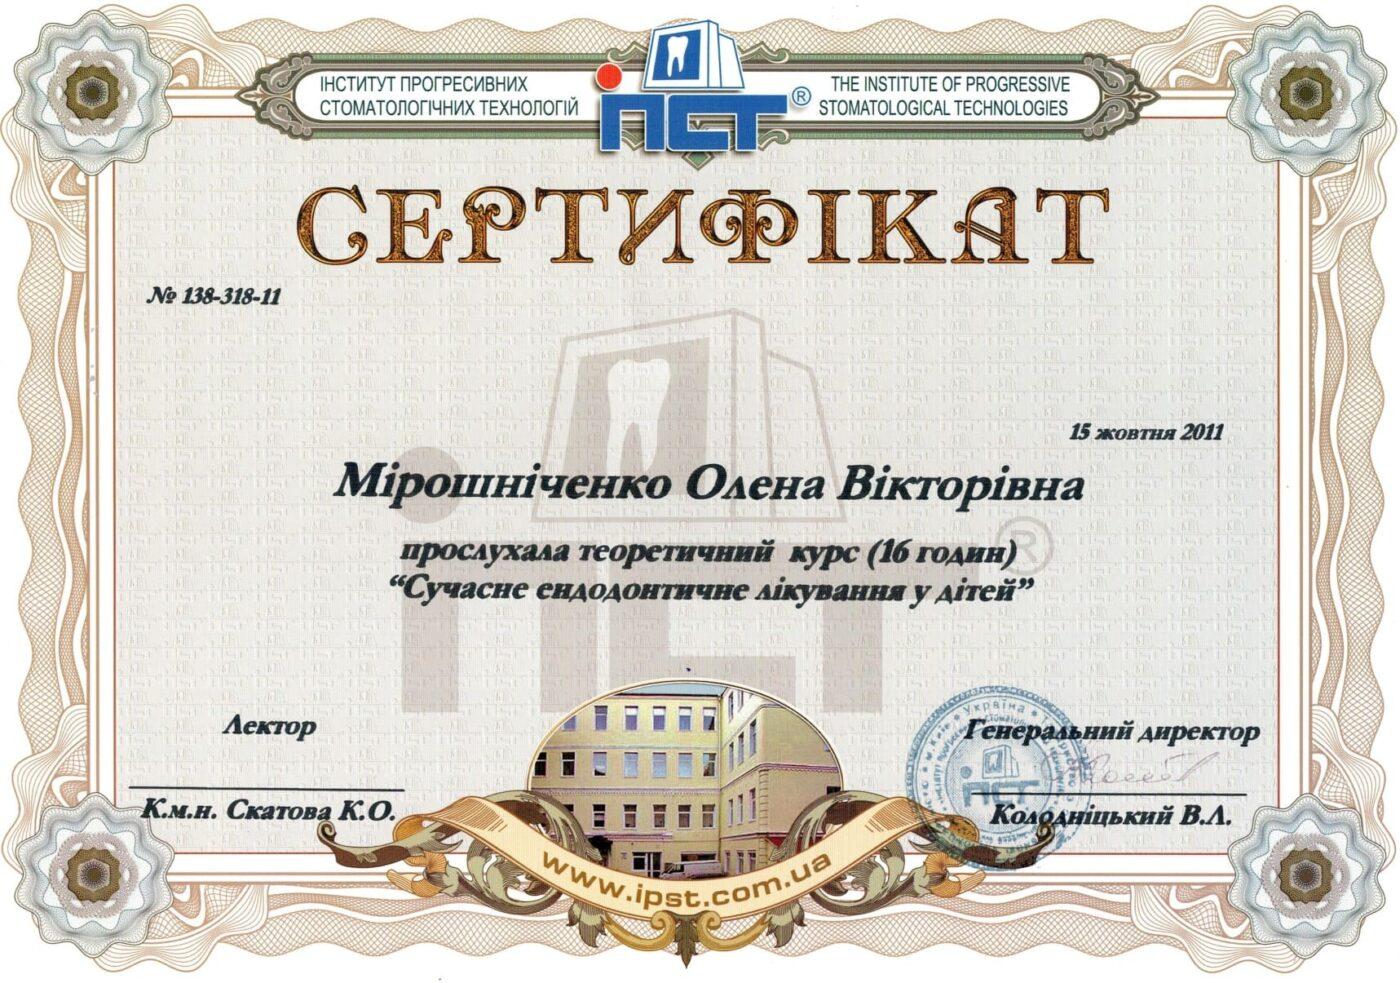 Сертификат подтверждающий участие Алёны Мирошниченко в курсе - Современное эндодонтическое лечение у детей